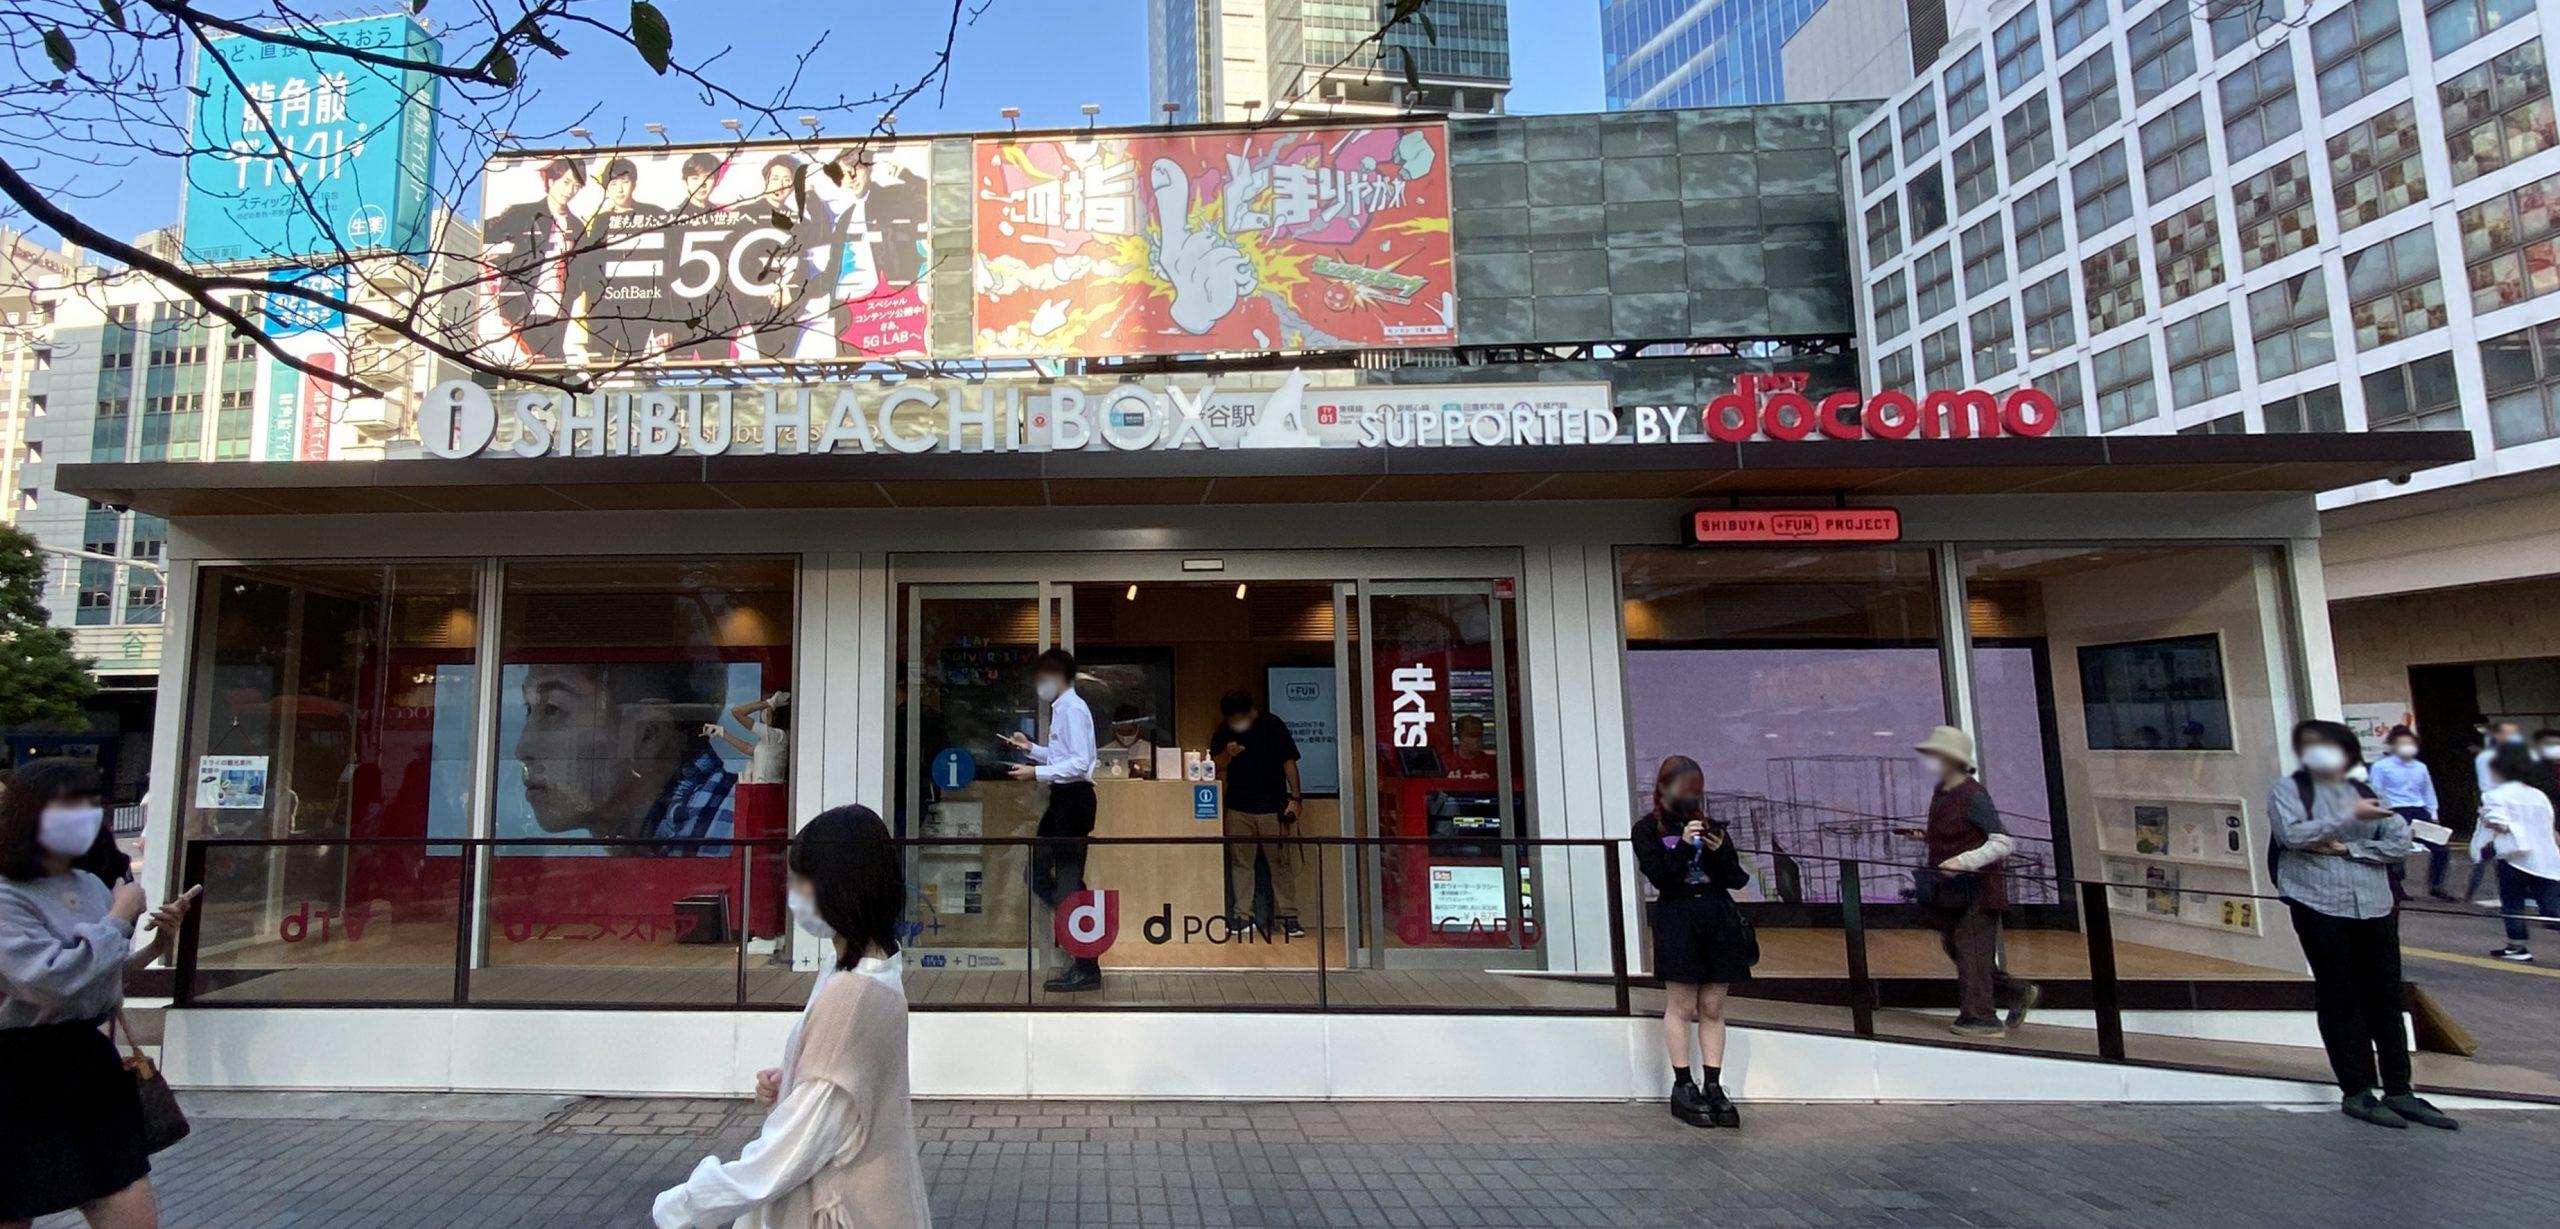 渋谷駅ハチ公前広場観光案内所内のコンセプトメイキングを行いました